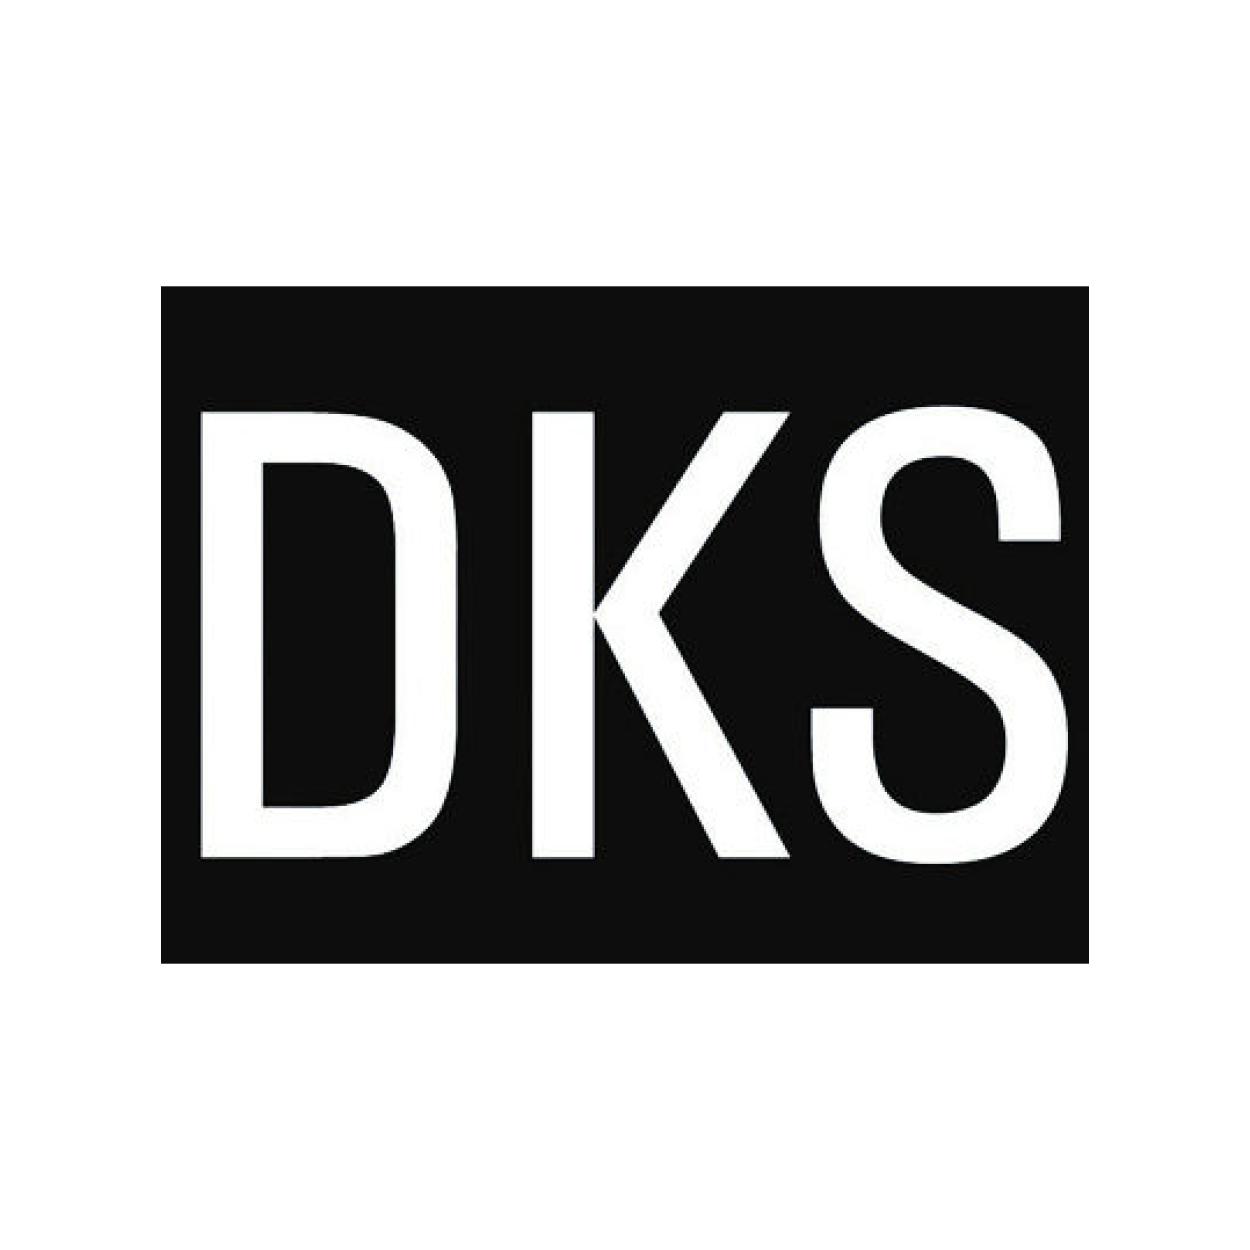 DKS Associates